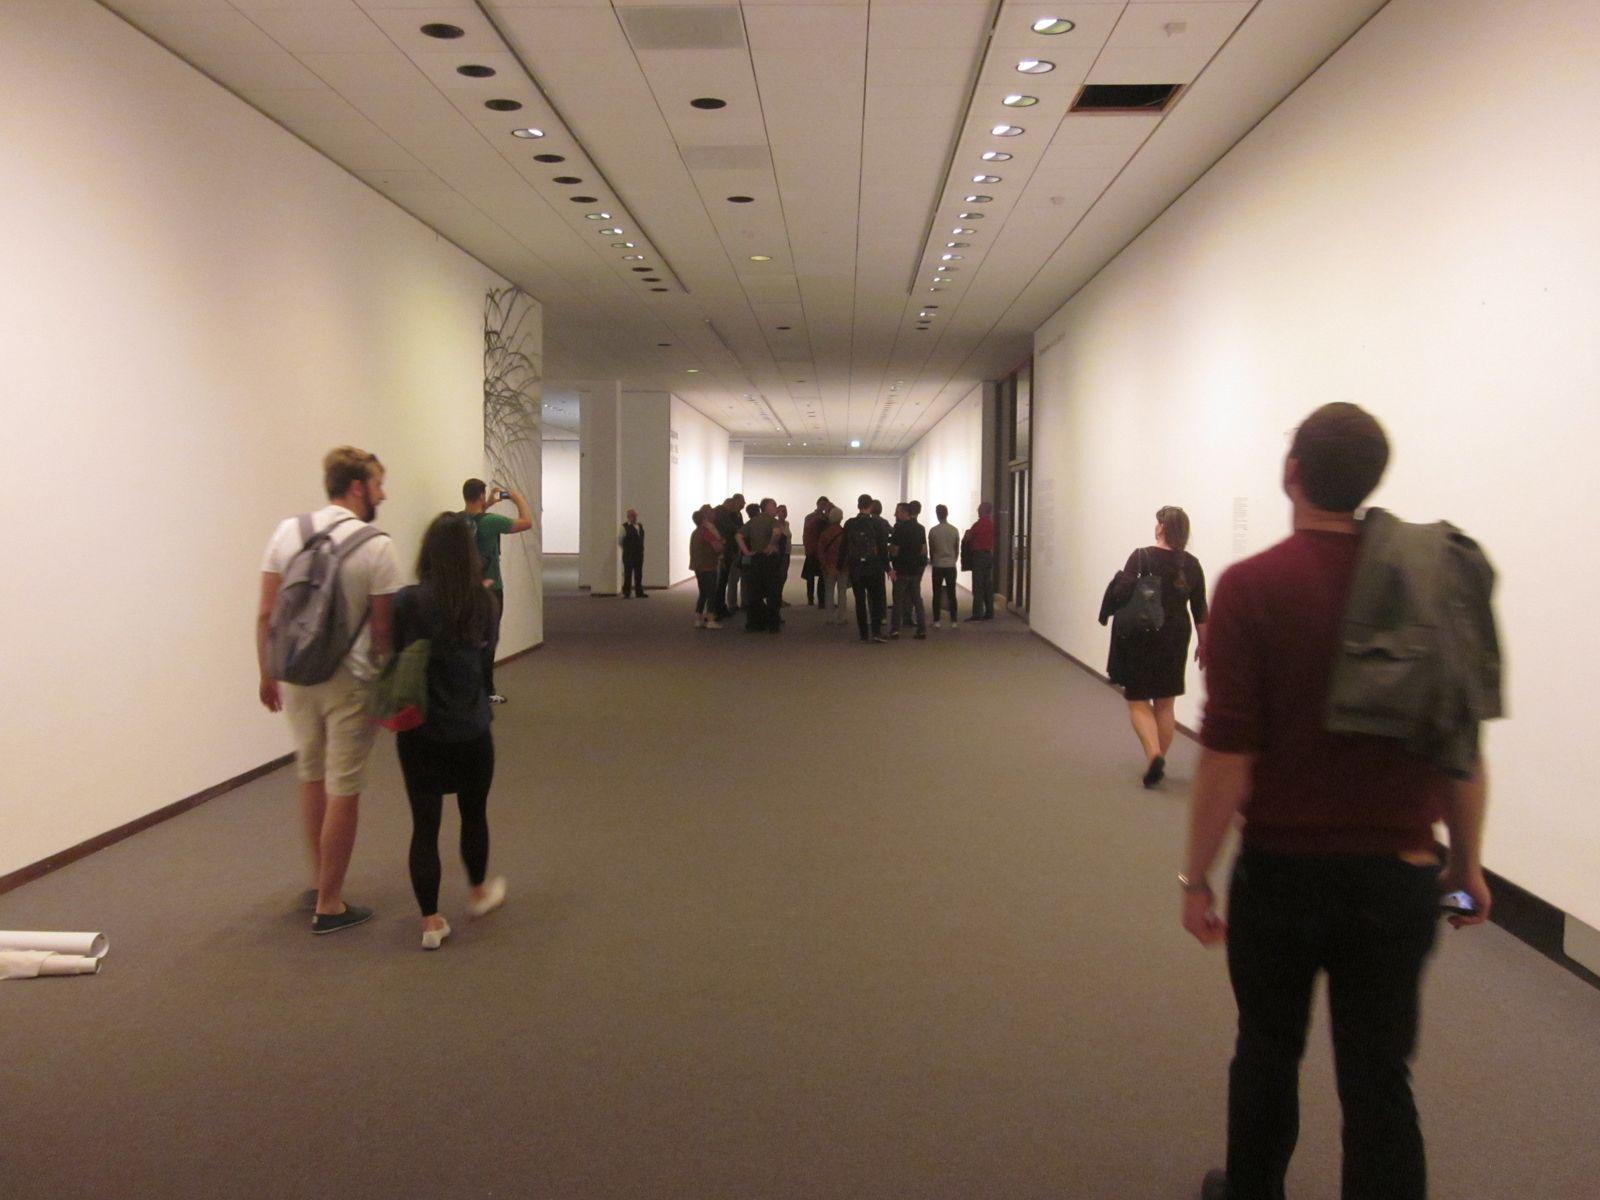 Auch an den Wänden der Ausstellungsräume befinden sich keine Objekte mehr.